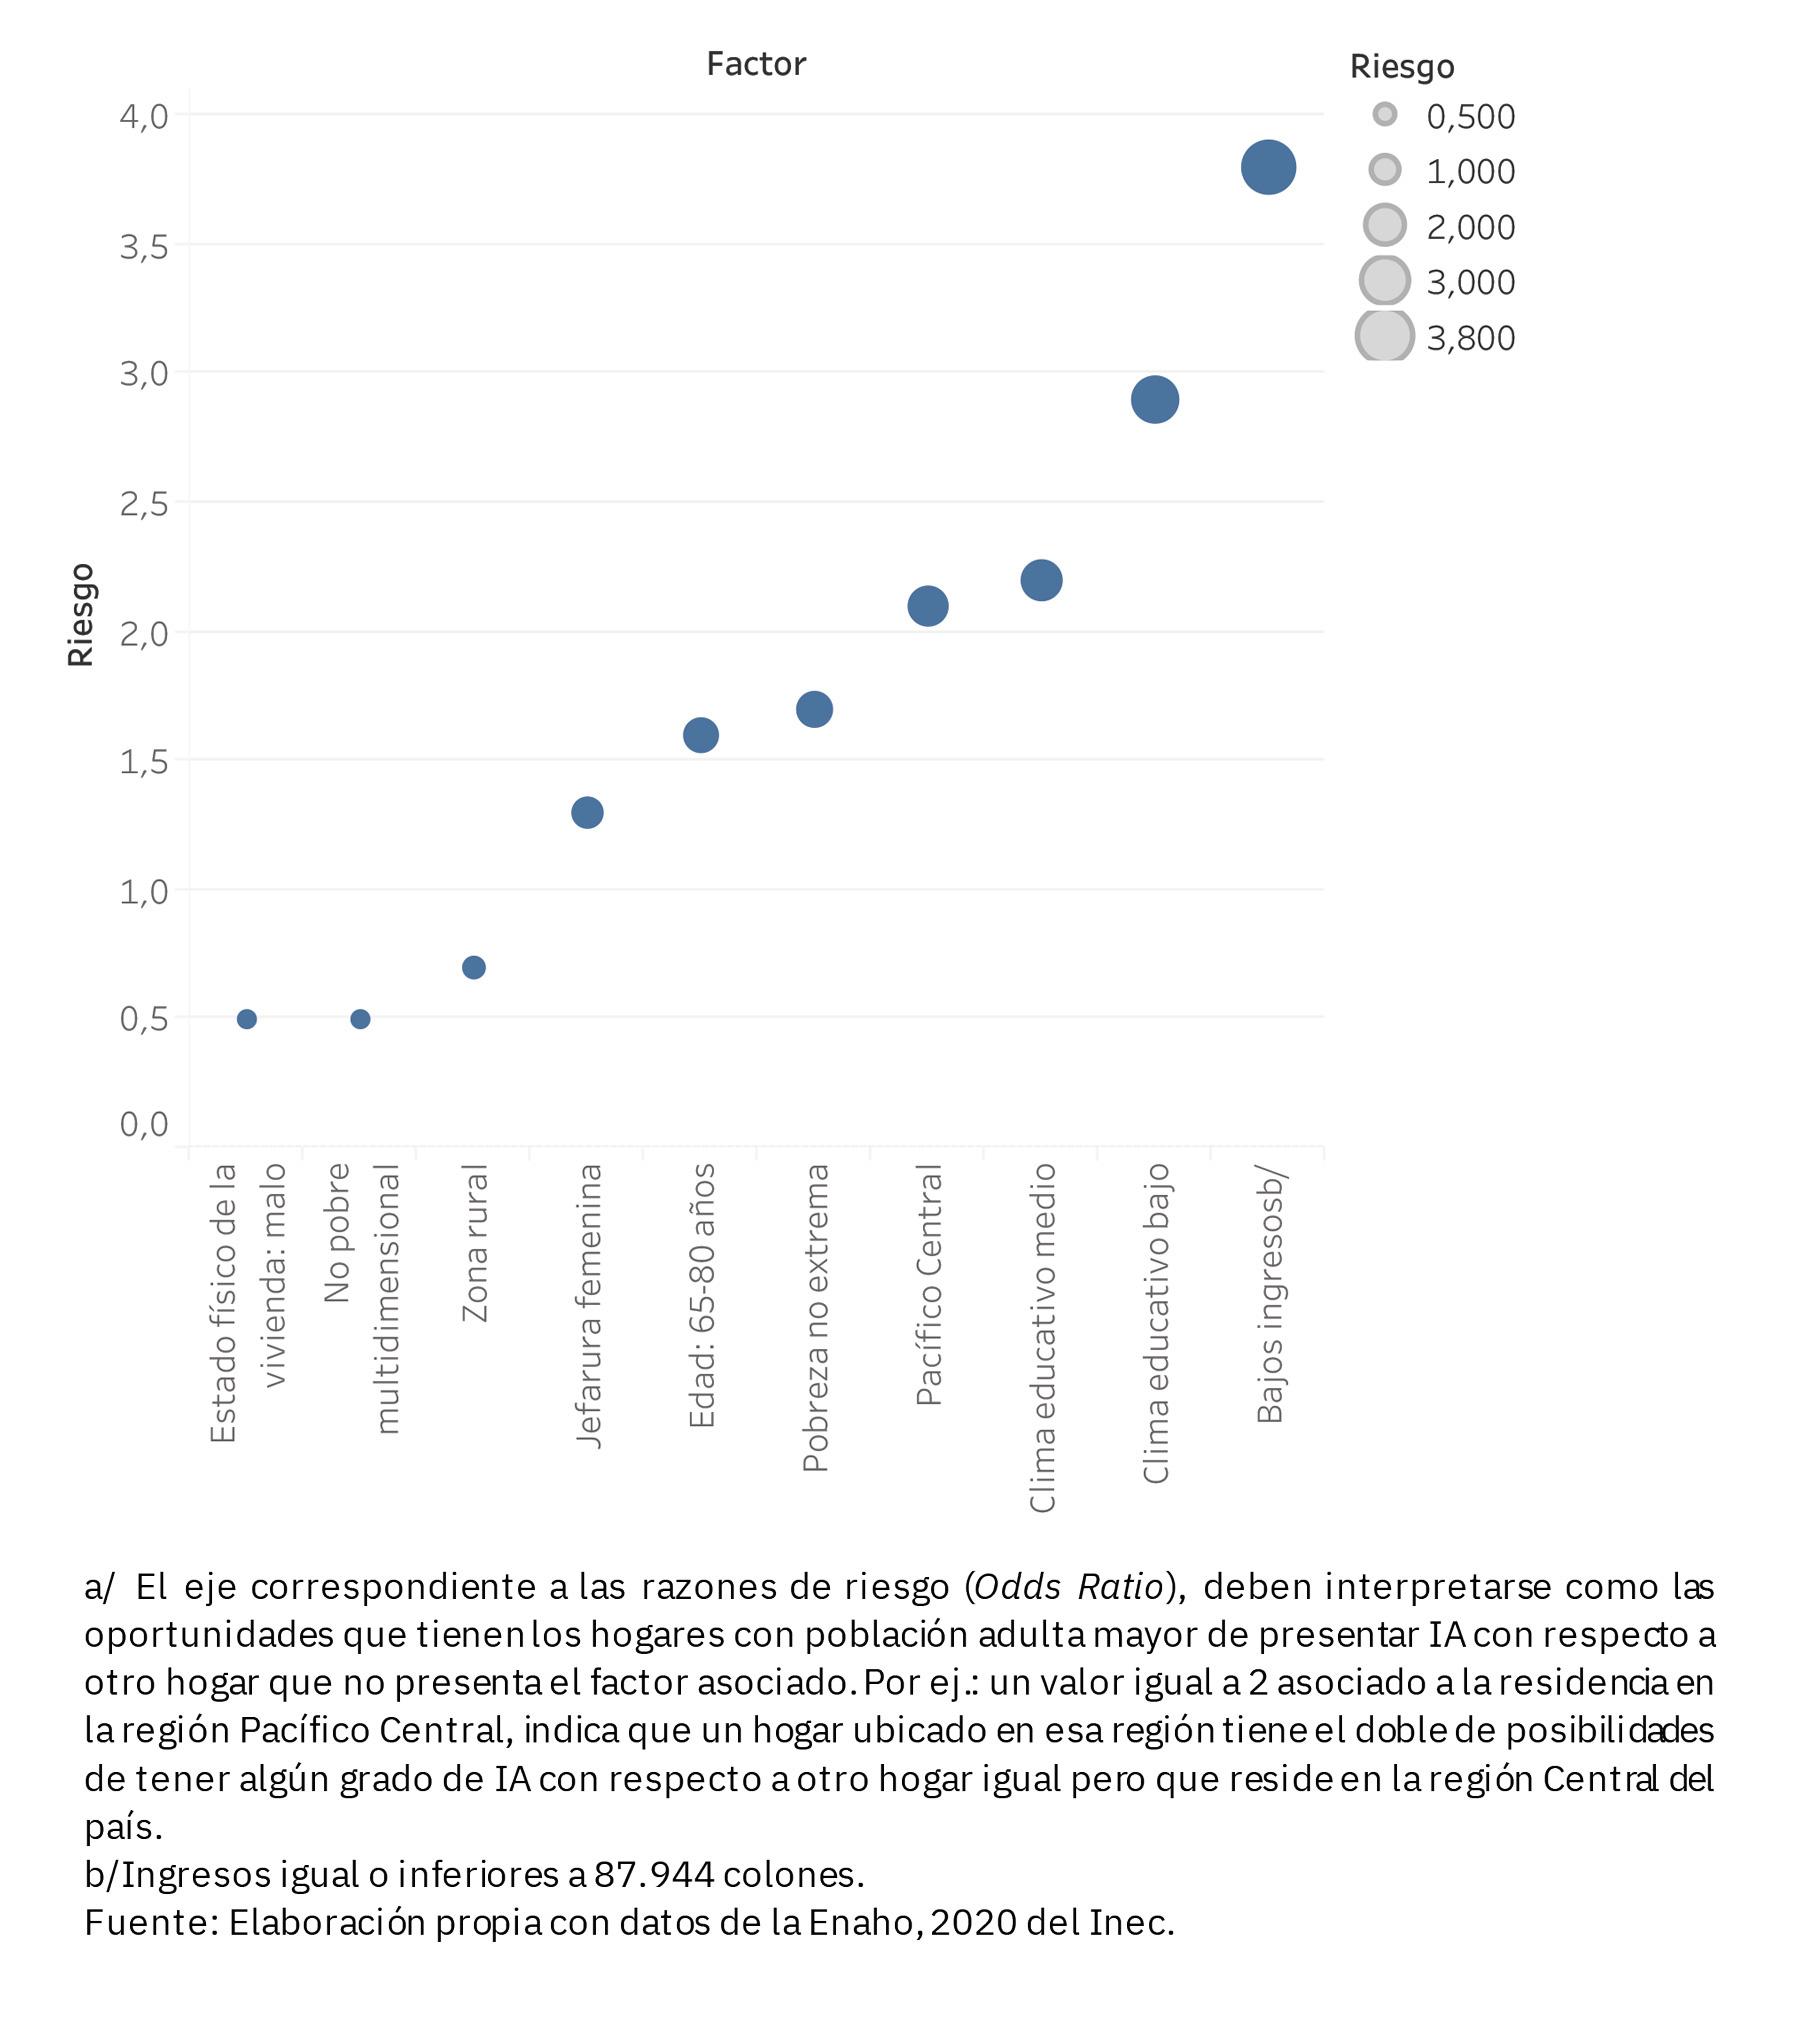 Gráfico 2 Riesgo de los hogares con población adulta mayor de experimentar inseguridad alimentaria, según factor. Julio 2019-Junio 2020